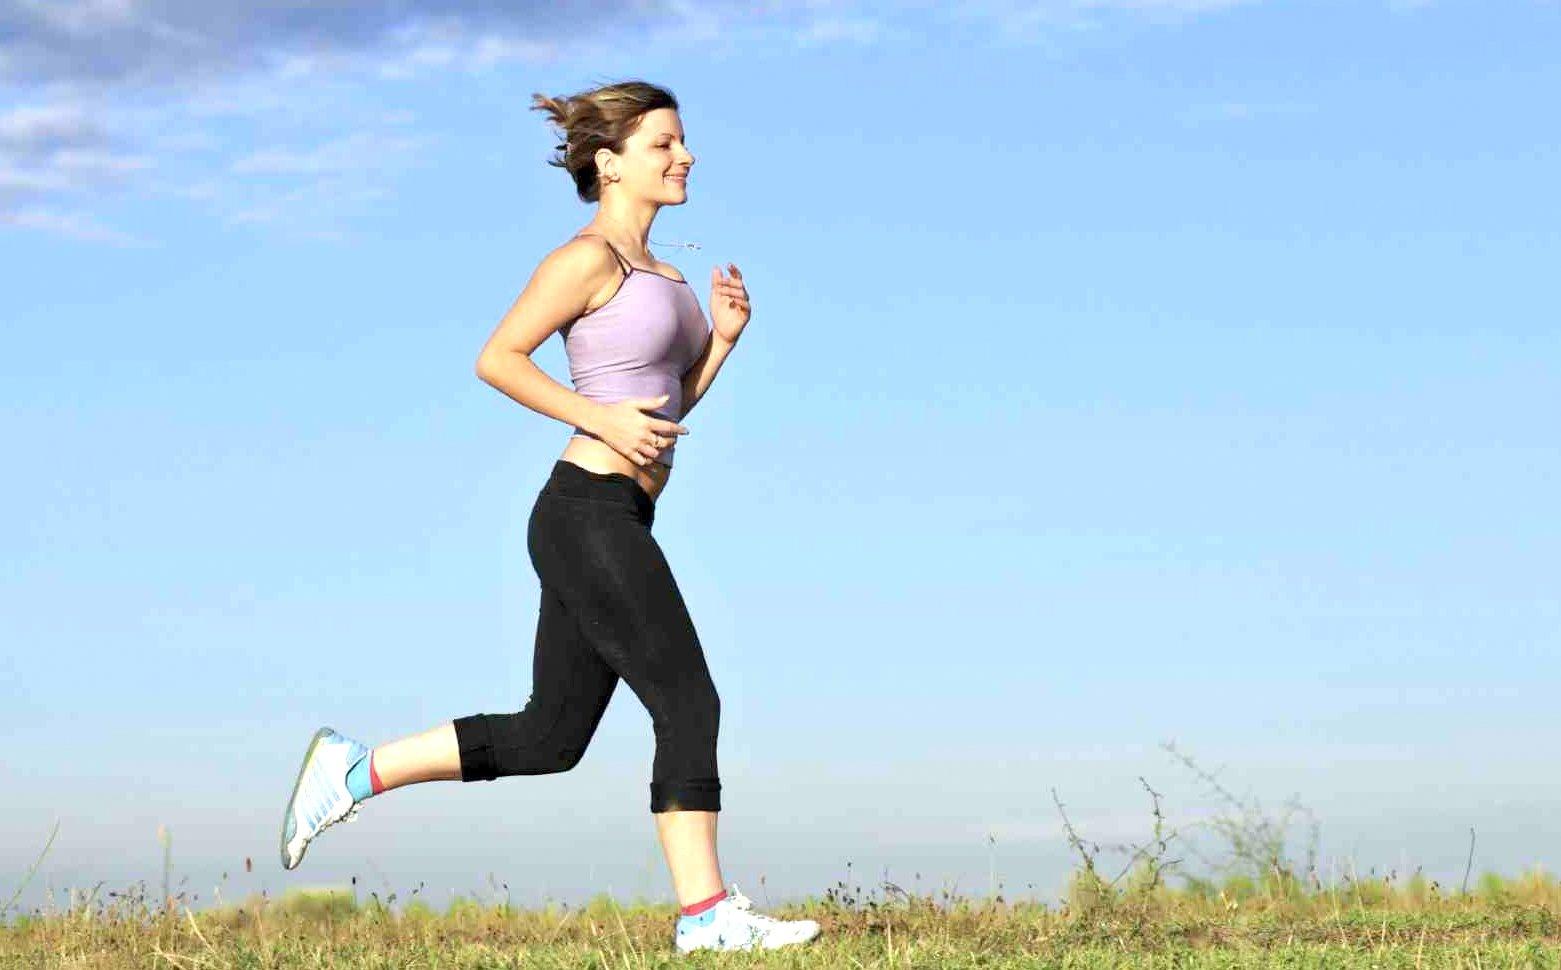 「一日の始まりに感謝できる。」早起きをすべき10の理由と習慣を身につけるための6つの方法!